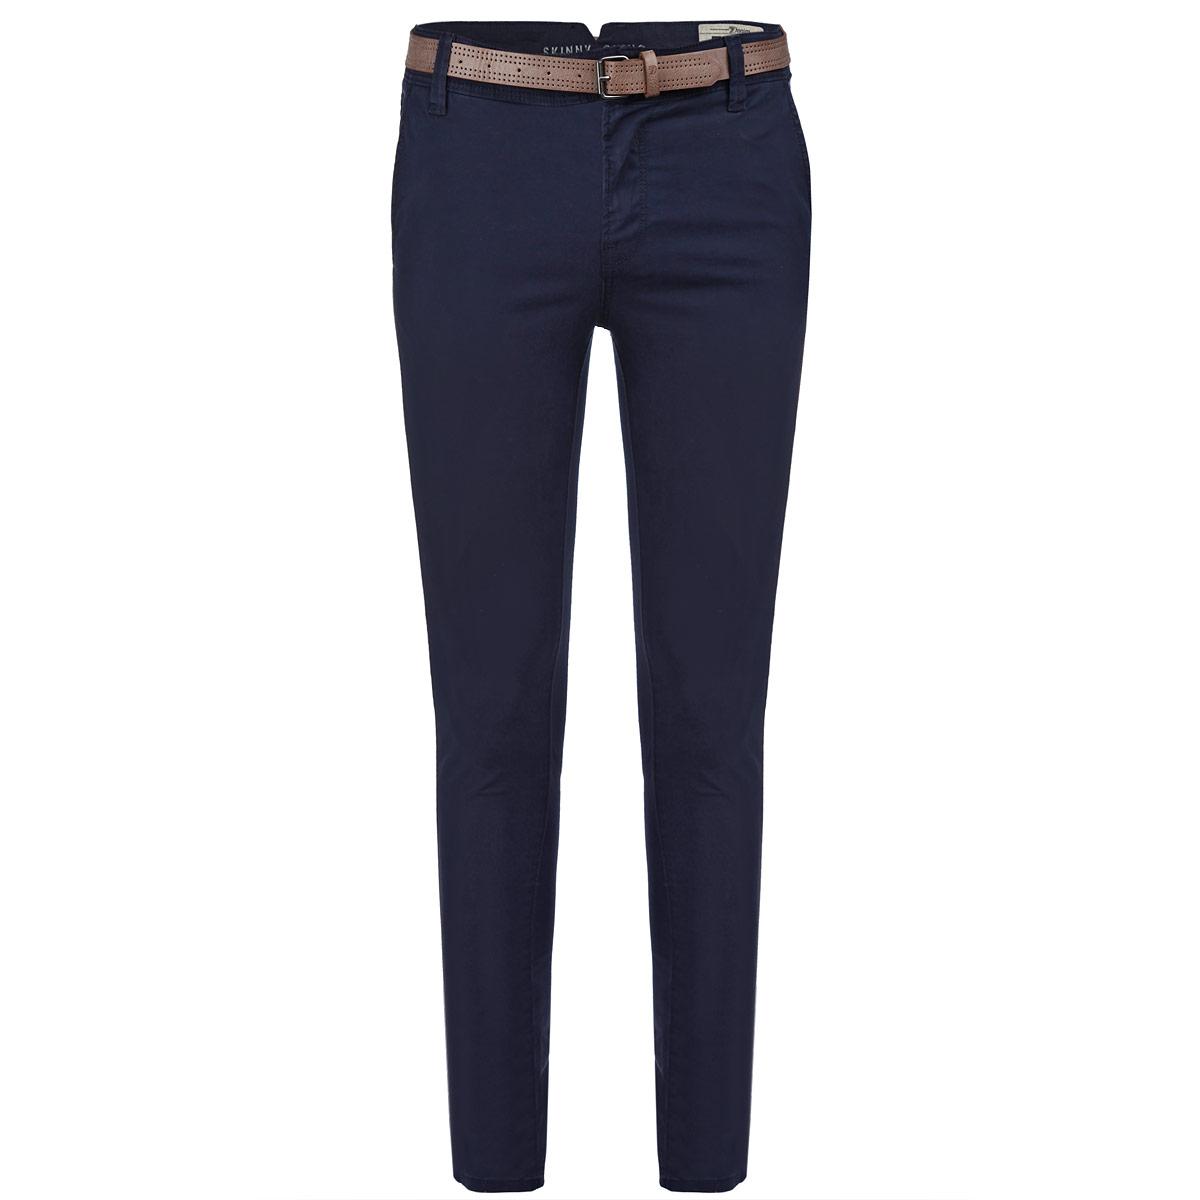 Брюки мужские. 6403342.09.126403342.09.12Стильные мужские брюки Tom Tailor подарят вам комфорт и позволят подчеркнуть ваш неповторимый стиль. Брюки прямого кроя и средней посадки изготовлены из эластичного хлопка и не сковывают движения. Брюки на талии застегиваются на пластиковую пуговицу, также имеются ширинка на застежке-молнии и шлевки для ремня. Спереди модель оформлена двумя втачными карманами со скошенными краями, а сзади - двумя прорезными карманами. В комплект также входит узкий ремень с металлической пряжкой. Эти модные и в тоже время комфортные брюки послужат отличным дополнением к вашему гардеробу. В них вы всегда будете чувствовать себя уютно и комфортно.